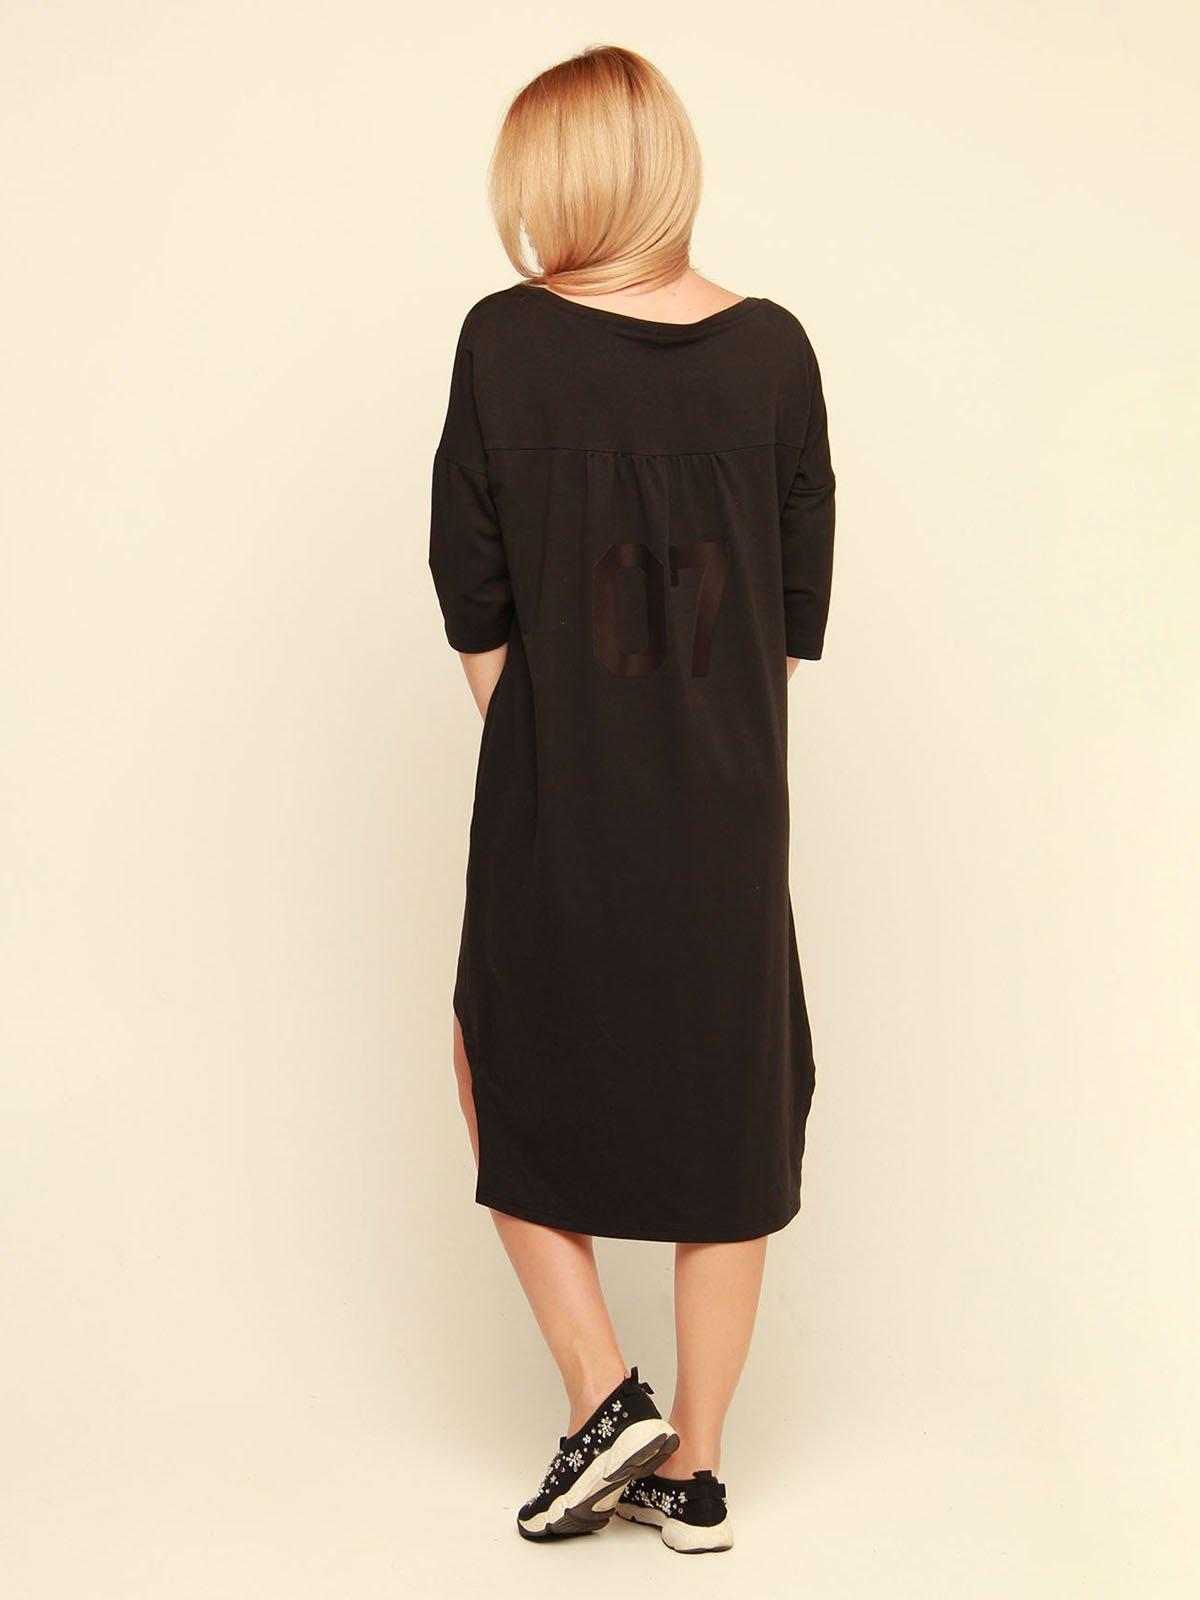 Сукня чорна | 3710844 | фото 2